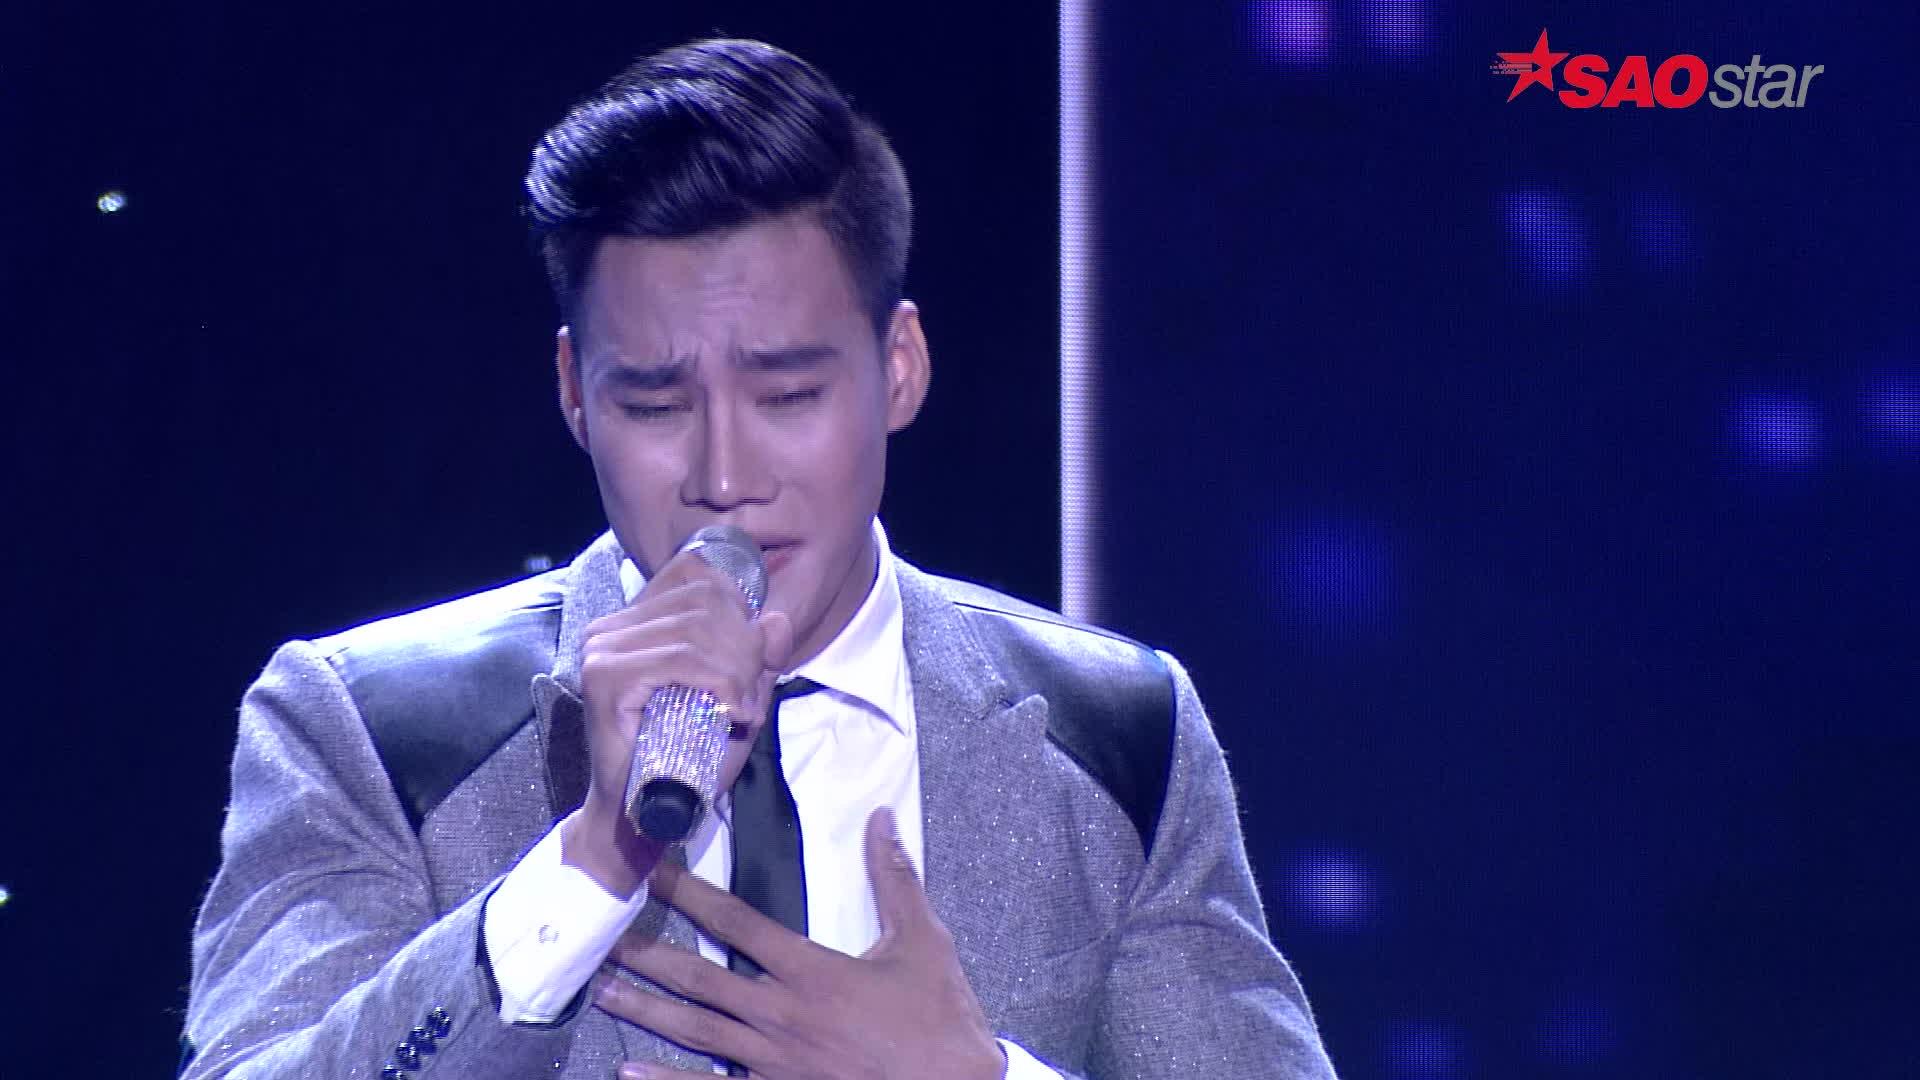 Vừa hotboy vừa hát hay, làm sao HLV Đàm Vĩnh Hưng không ra sức tranh giành cho được!